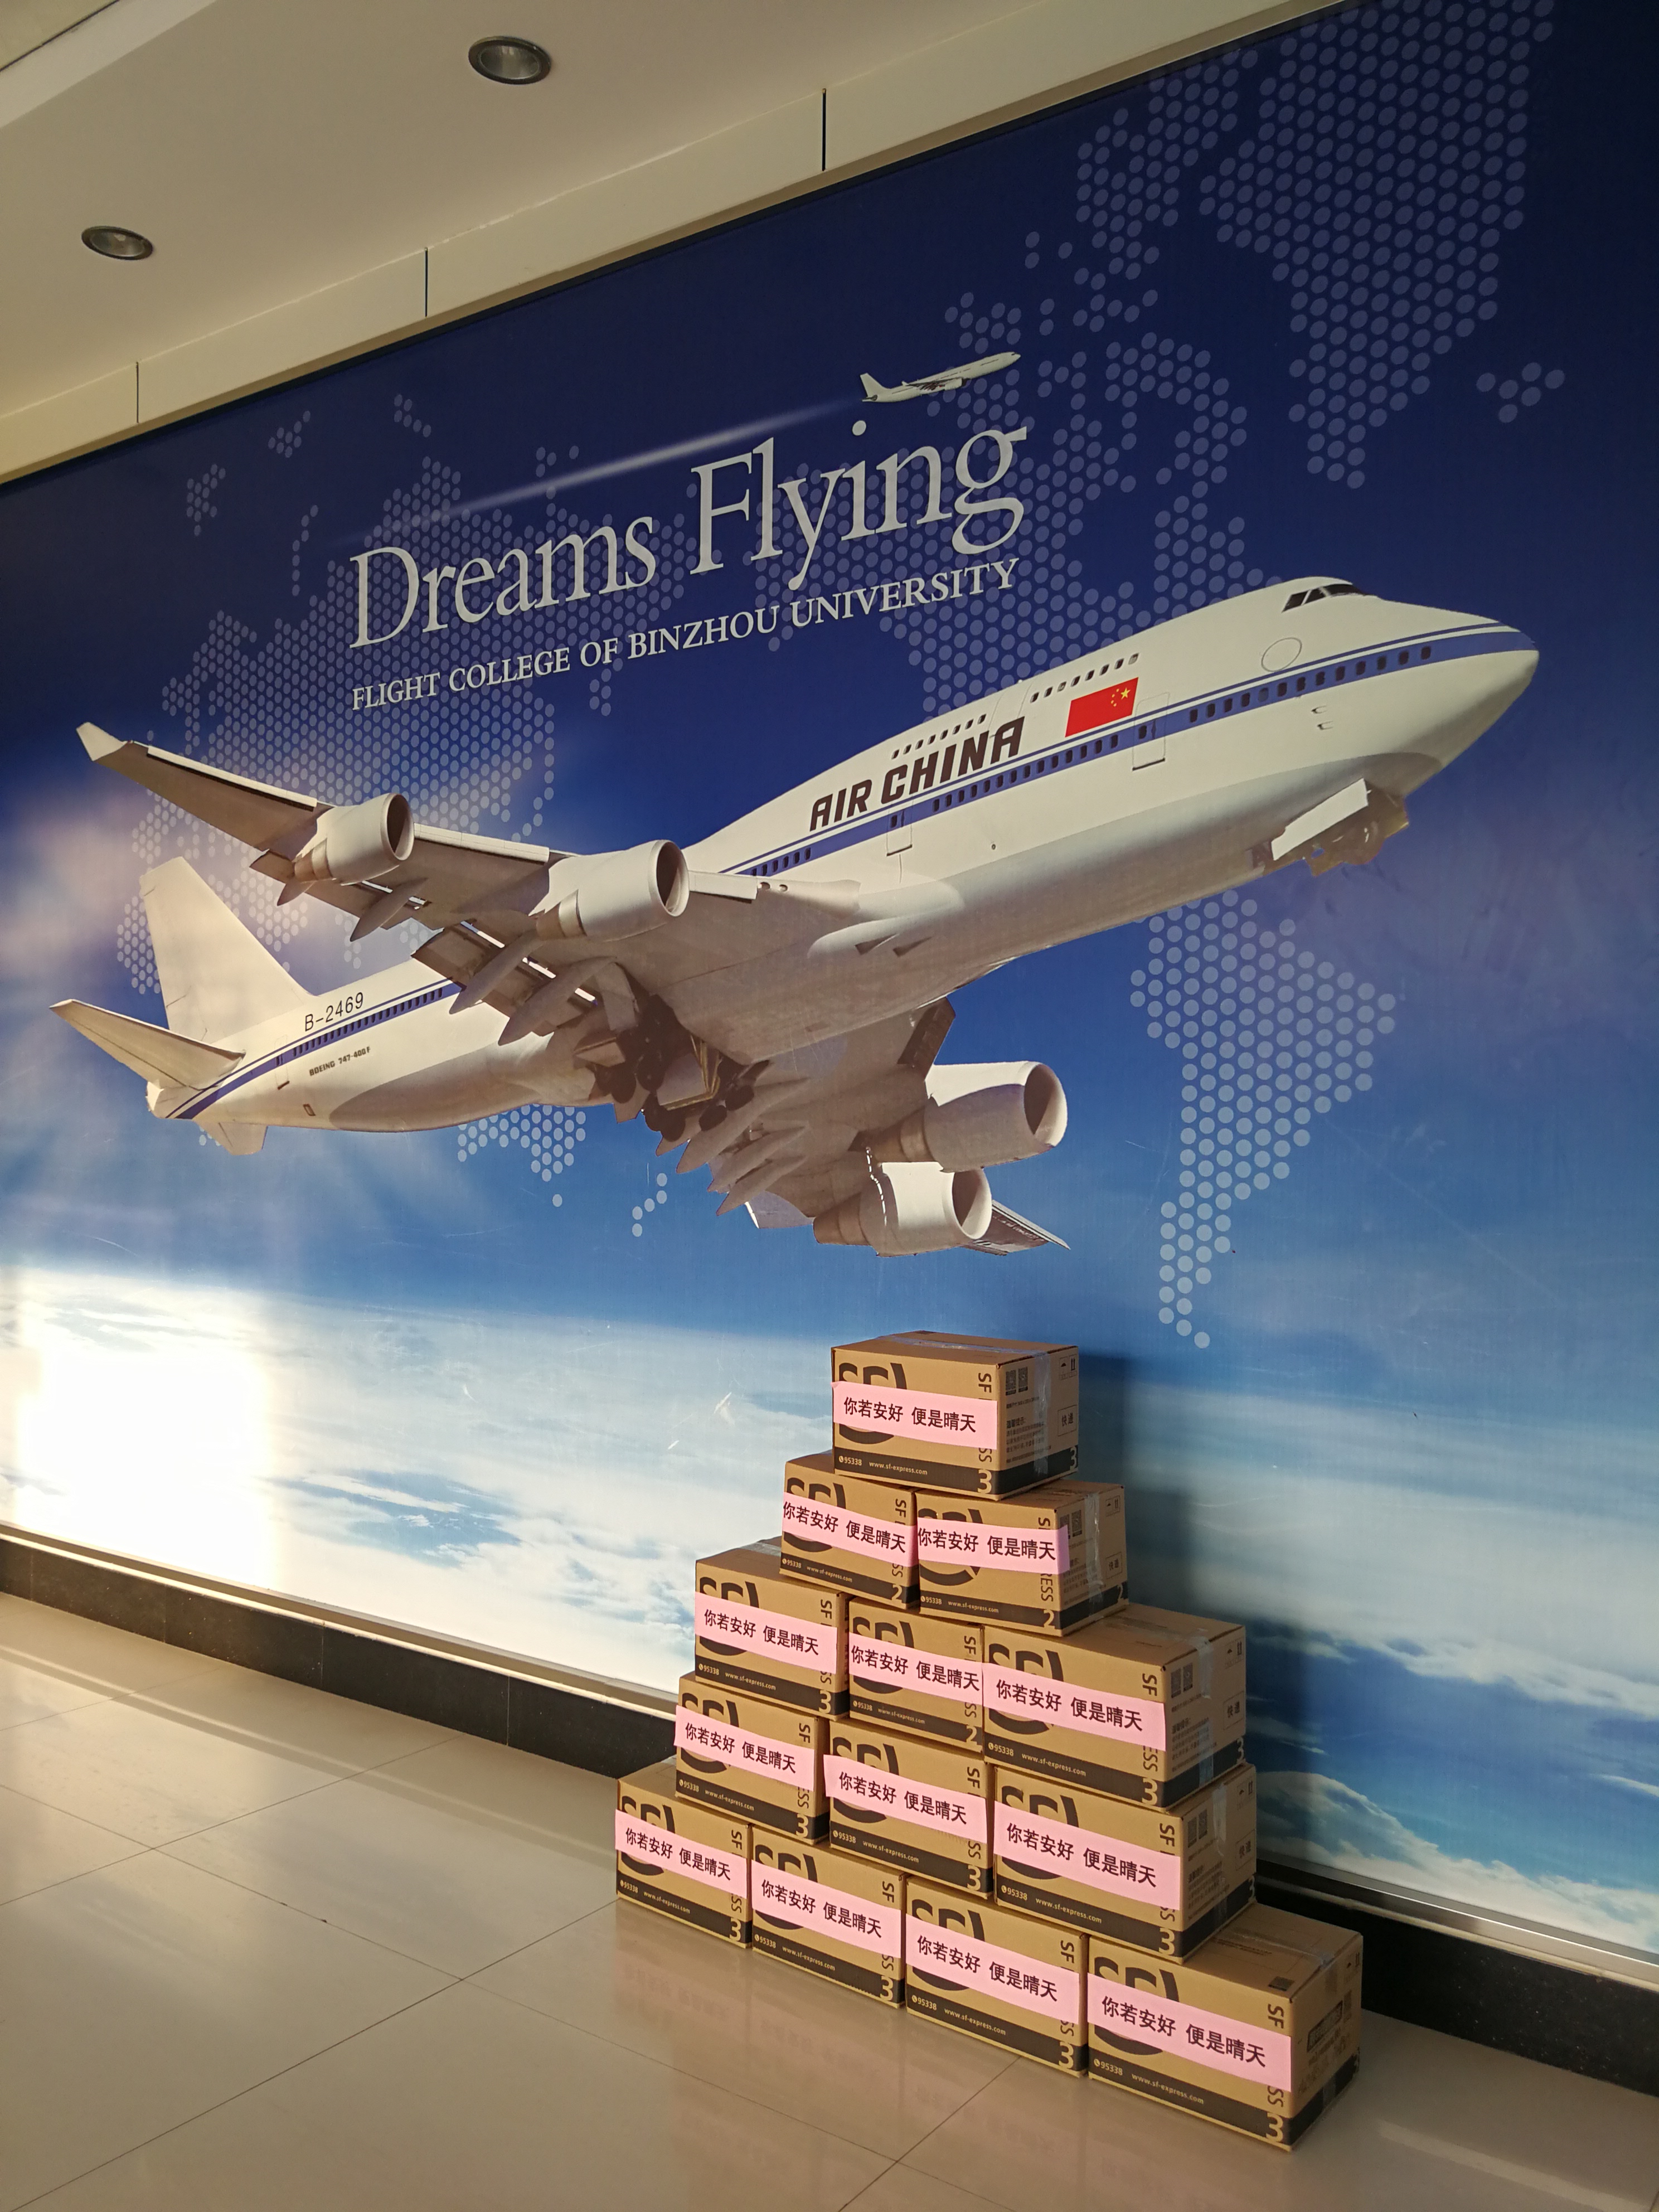 滨州学院飞行学院192名海外训练学员向家乡报平安